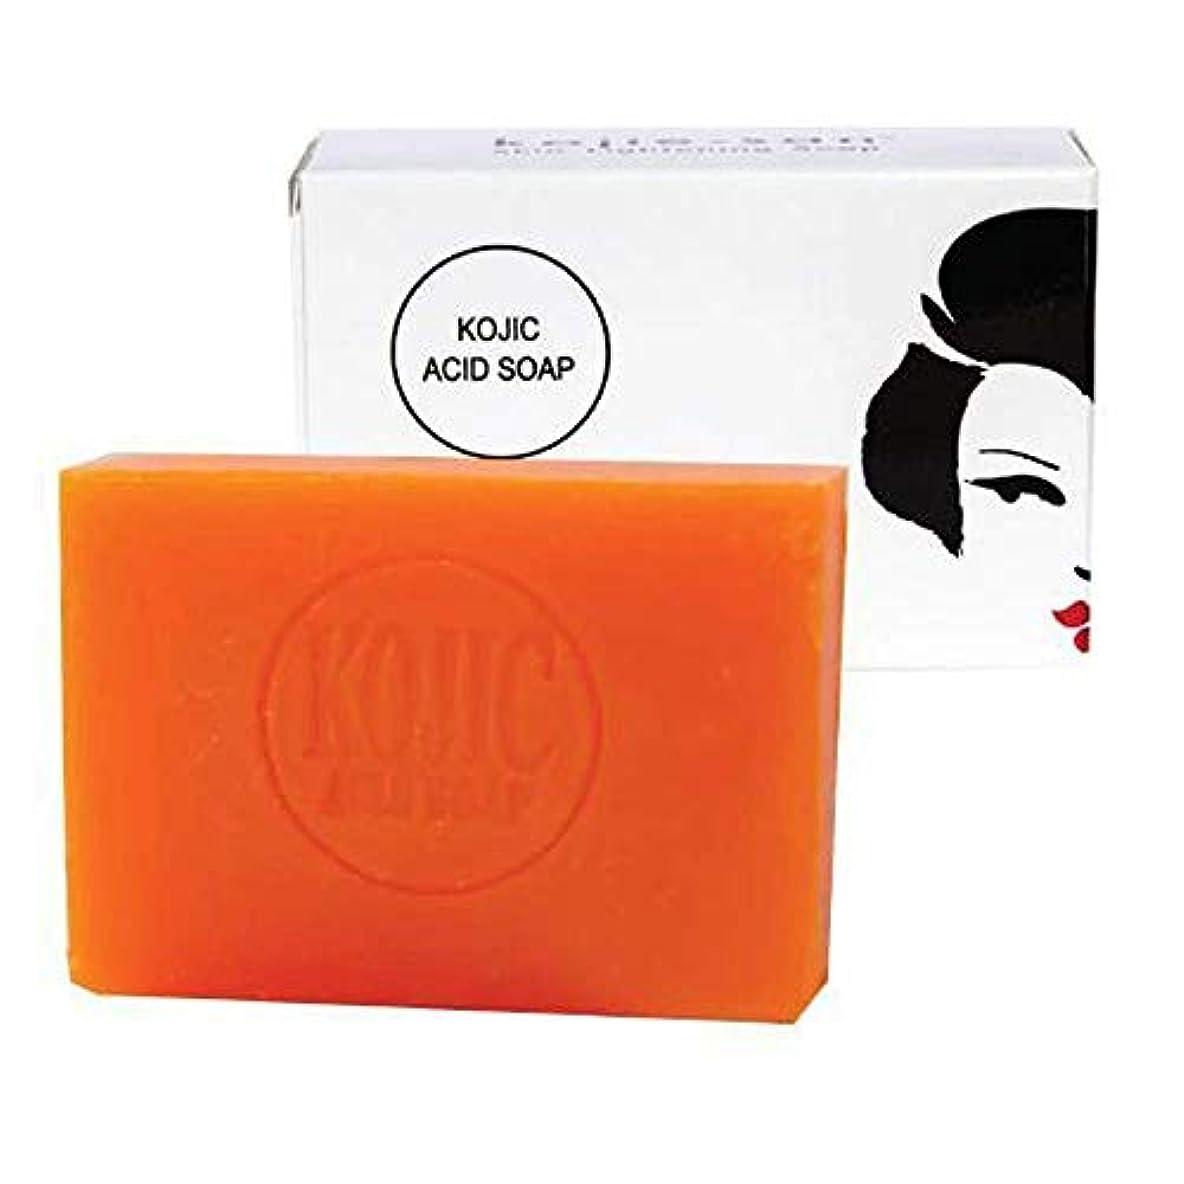 信頼できる見て枯渇するKojie San Skin Lightening Kojic Acid Soap 2 Bars - 65G Fades Age Spots, Freckles, And Other Signs Of Sun Damage...